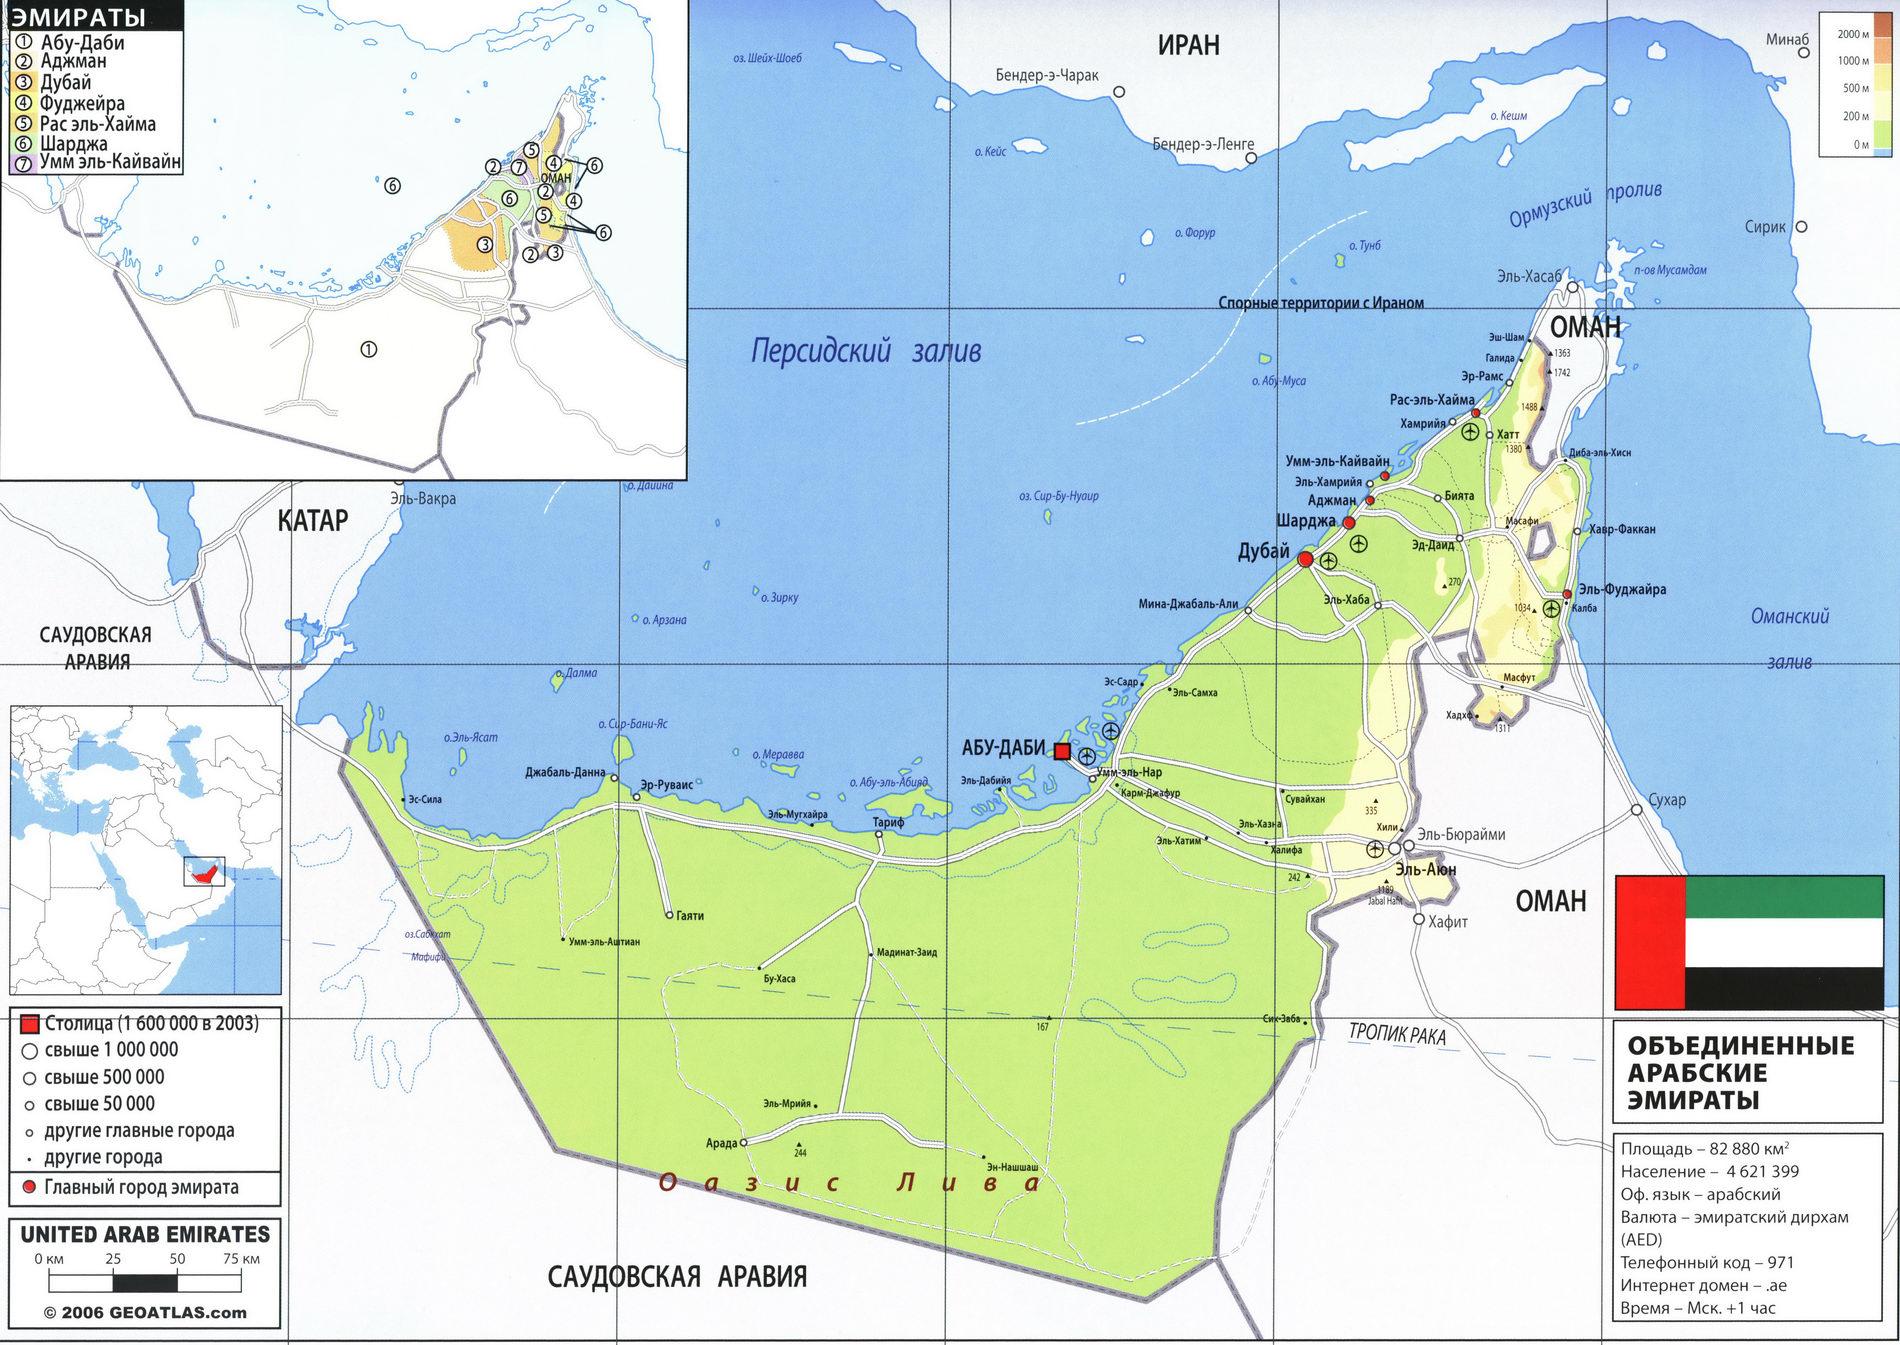 Карта оаэ на русском языке купить недвижимость за границей у моря